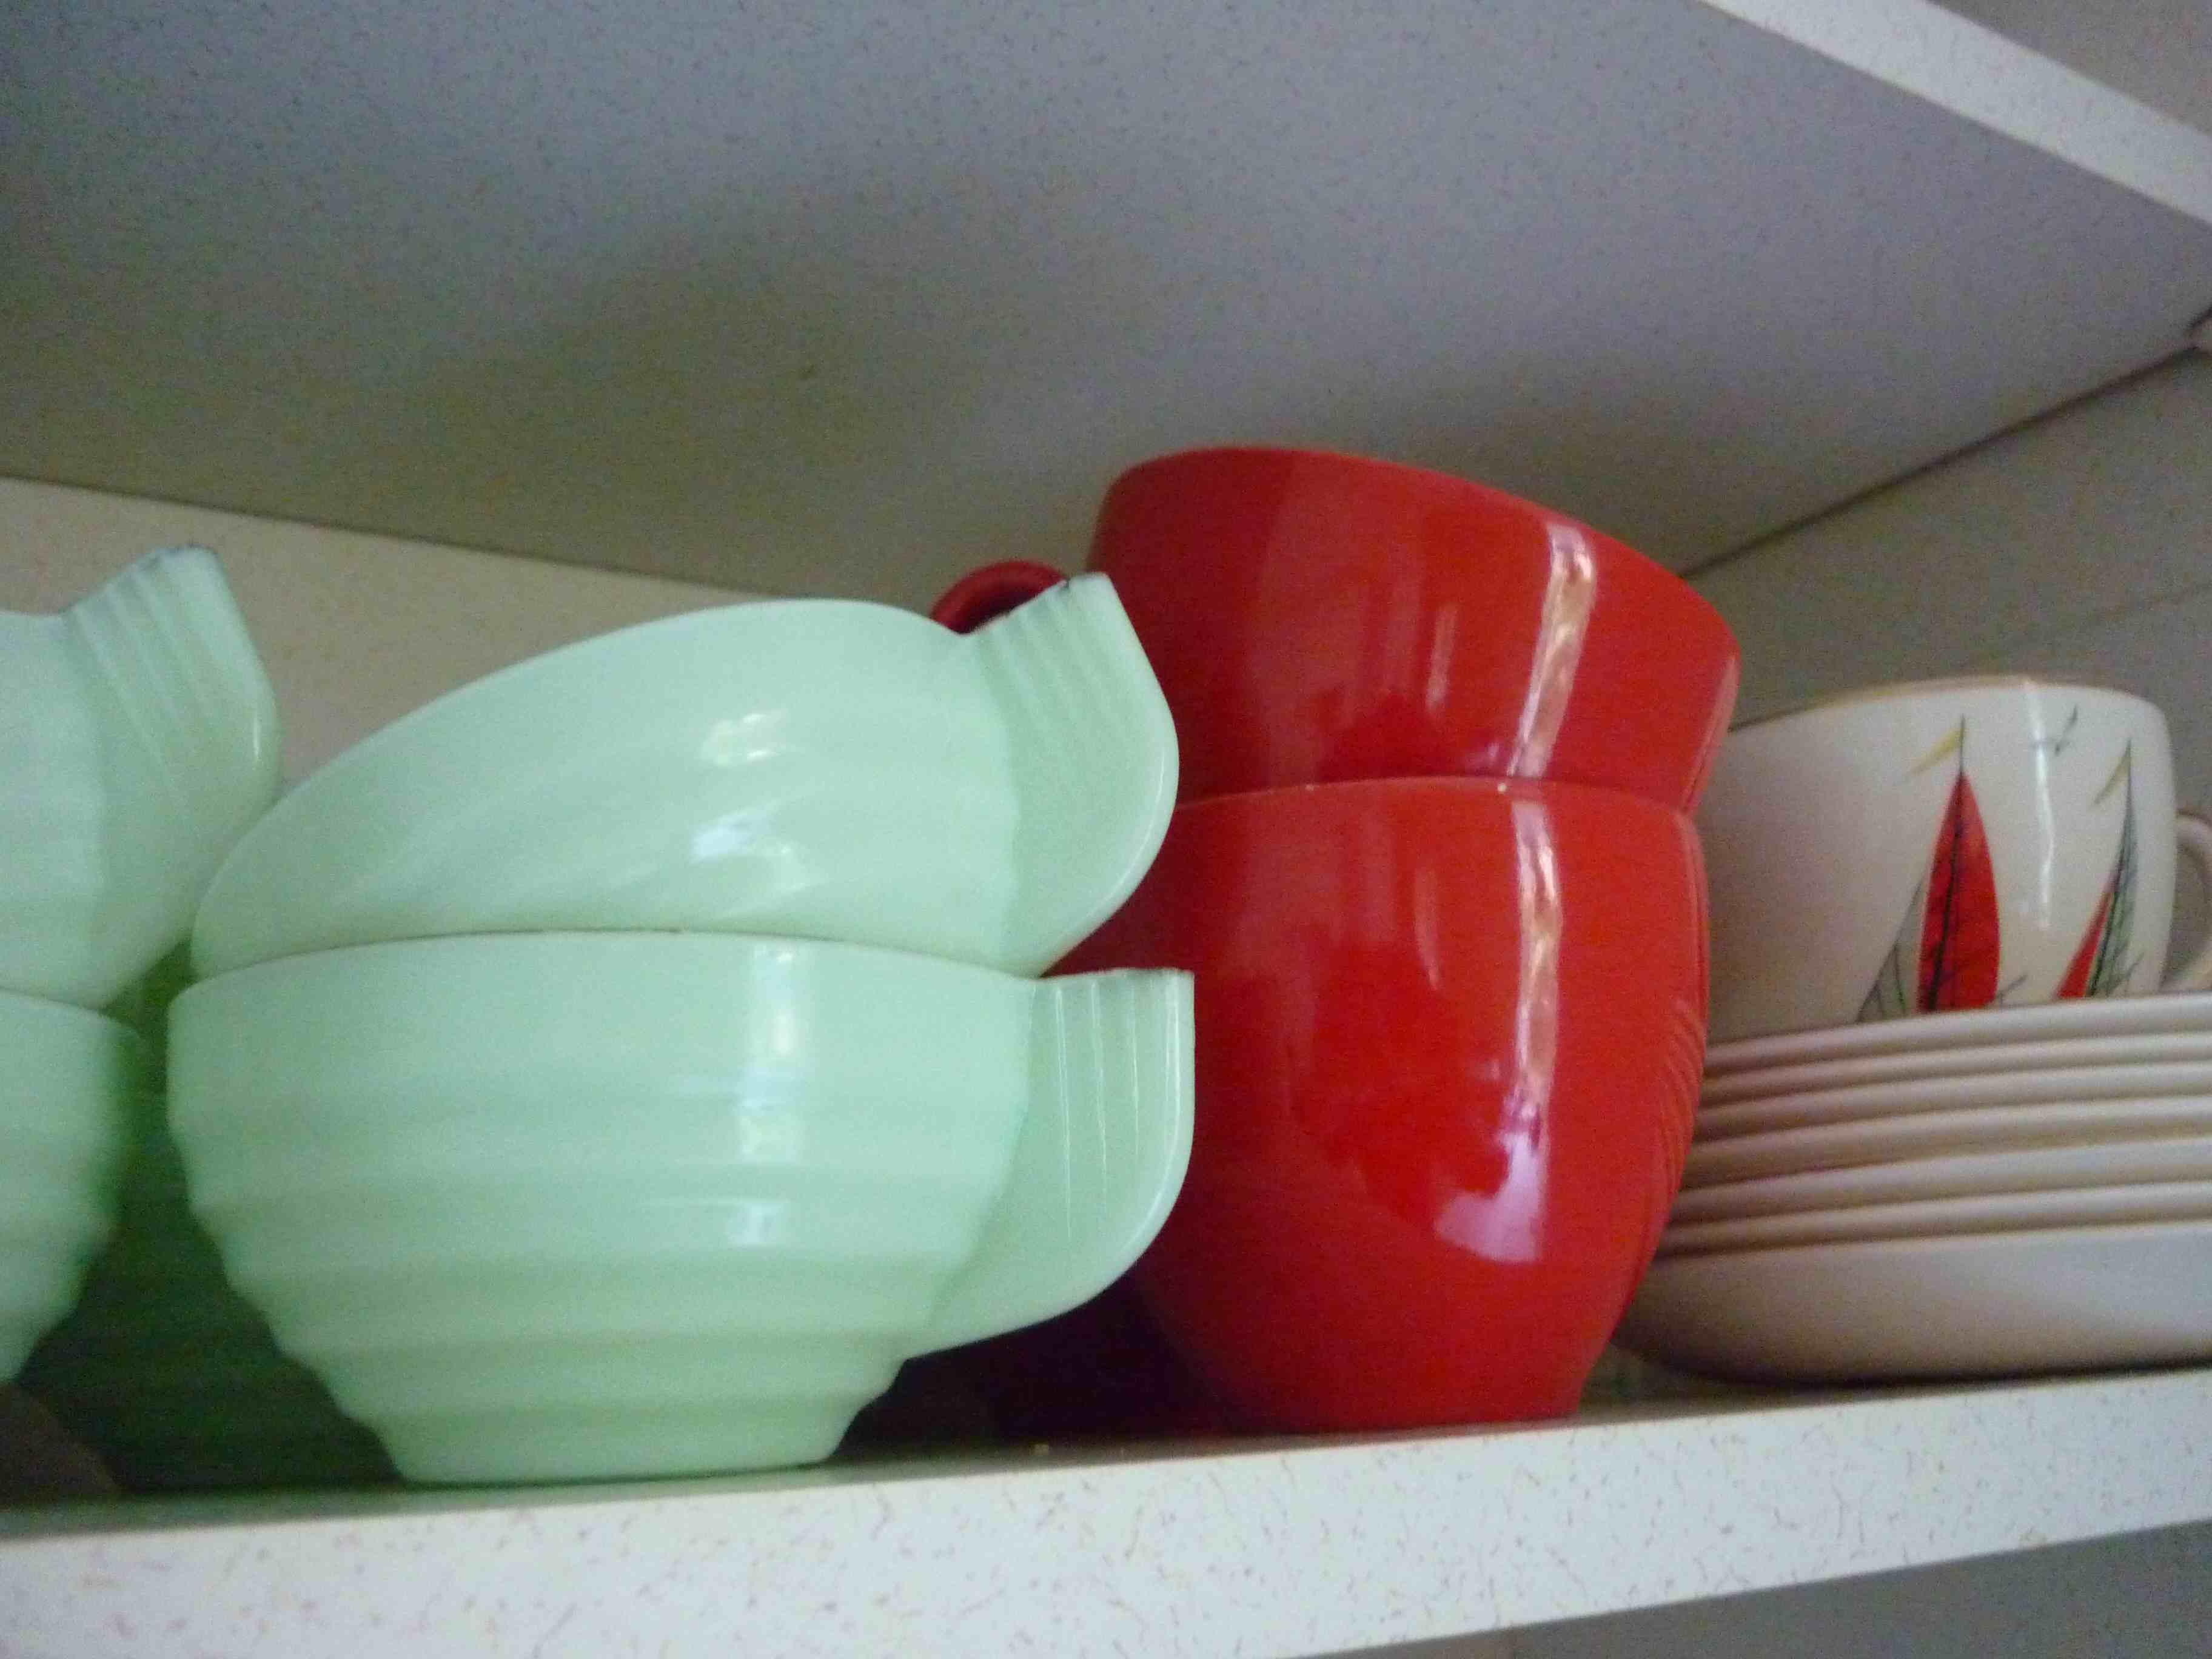 art deco teacups